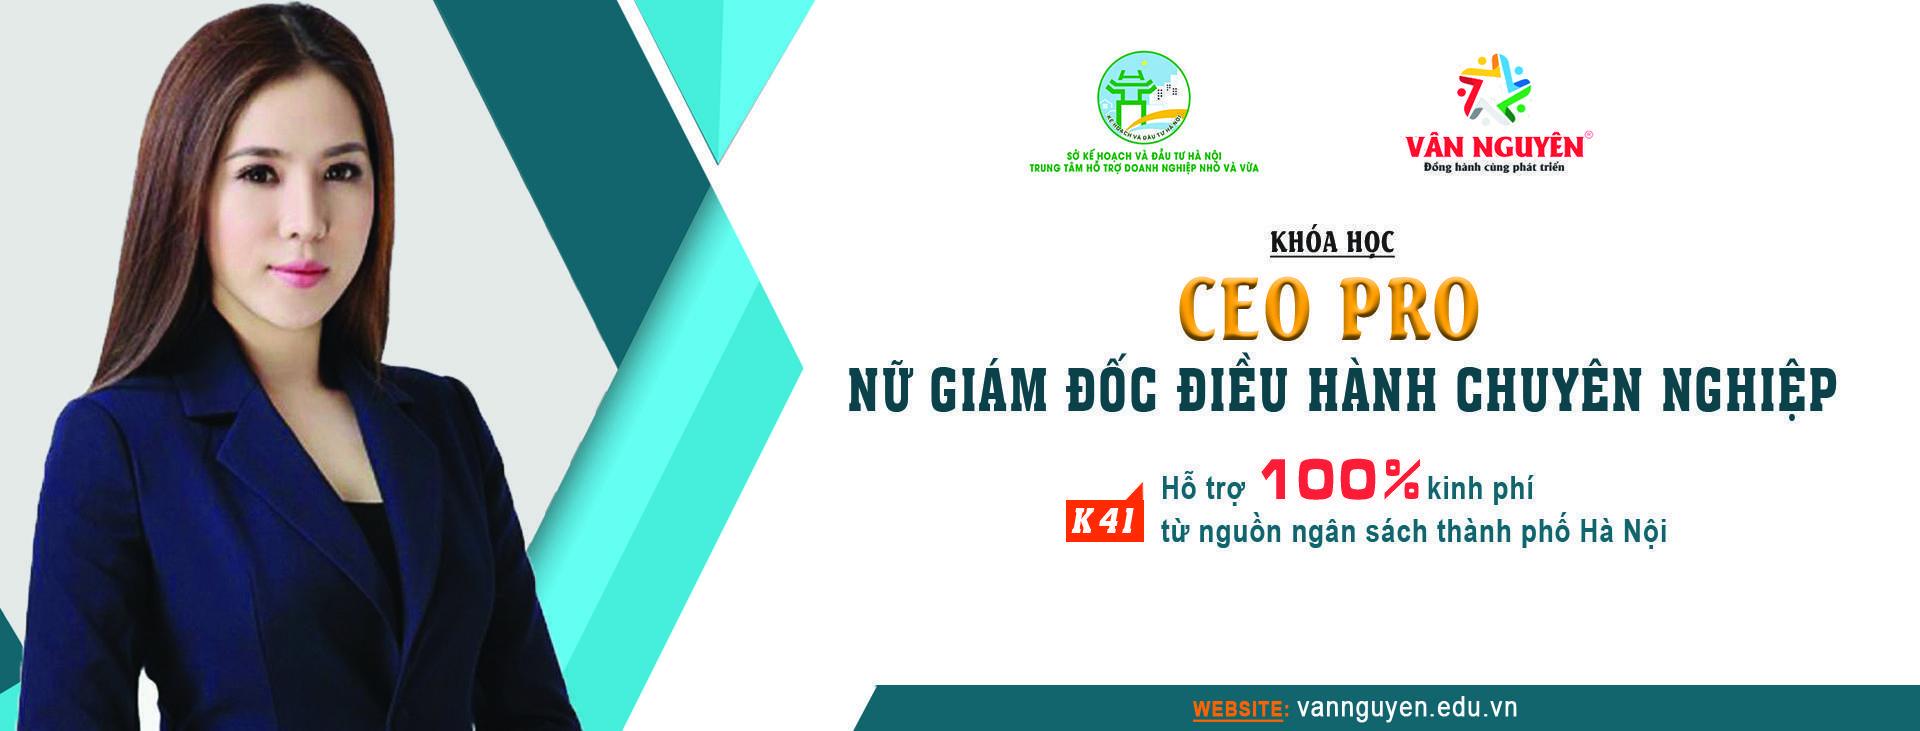 CEO PRO (K41) – Nữ giám đốc điều hành chuyên nghiệp